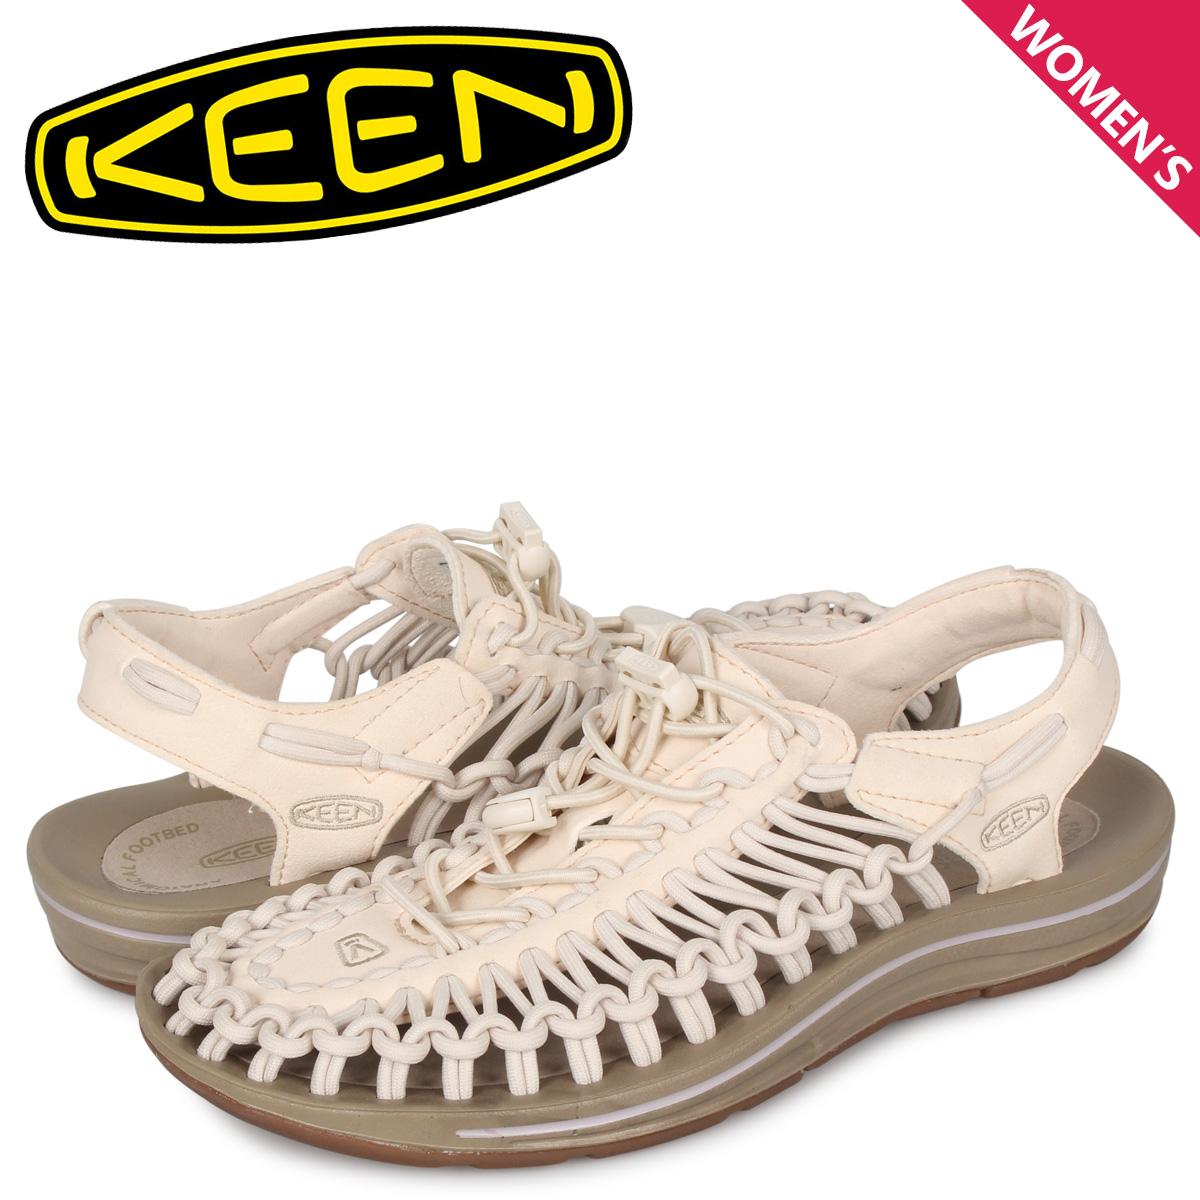 キーン KEEN ユニーク サンダル スポーツサンダル レディース UNEEK ホワイト 白 1018698